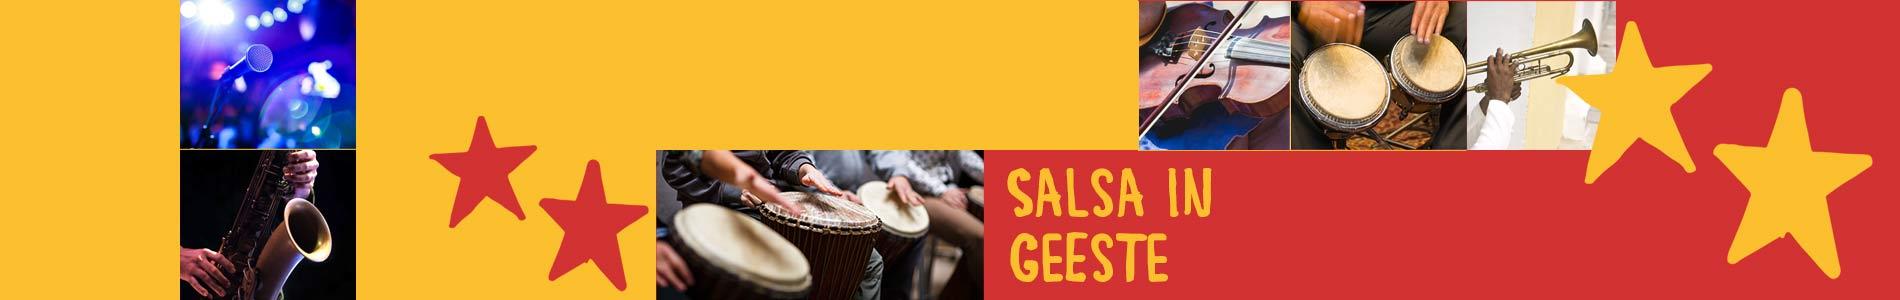 Salsa in Geeste – Salsa lernen und tanzen, Tanzkurse, Partys, Veranstaltungen